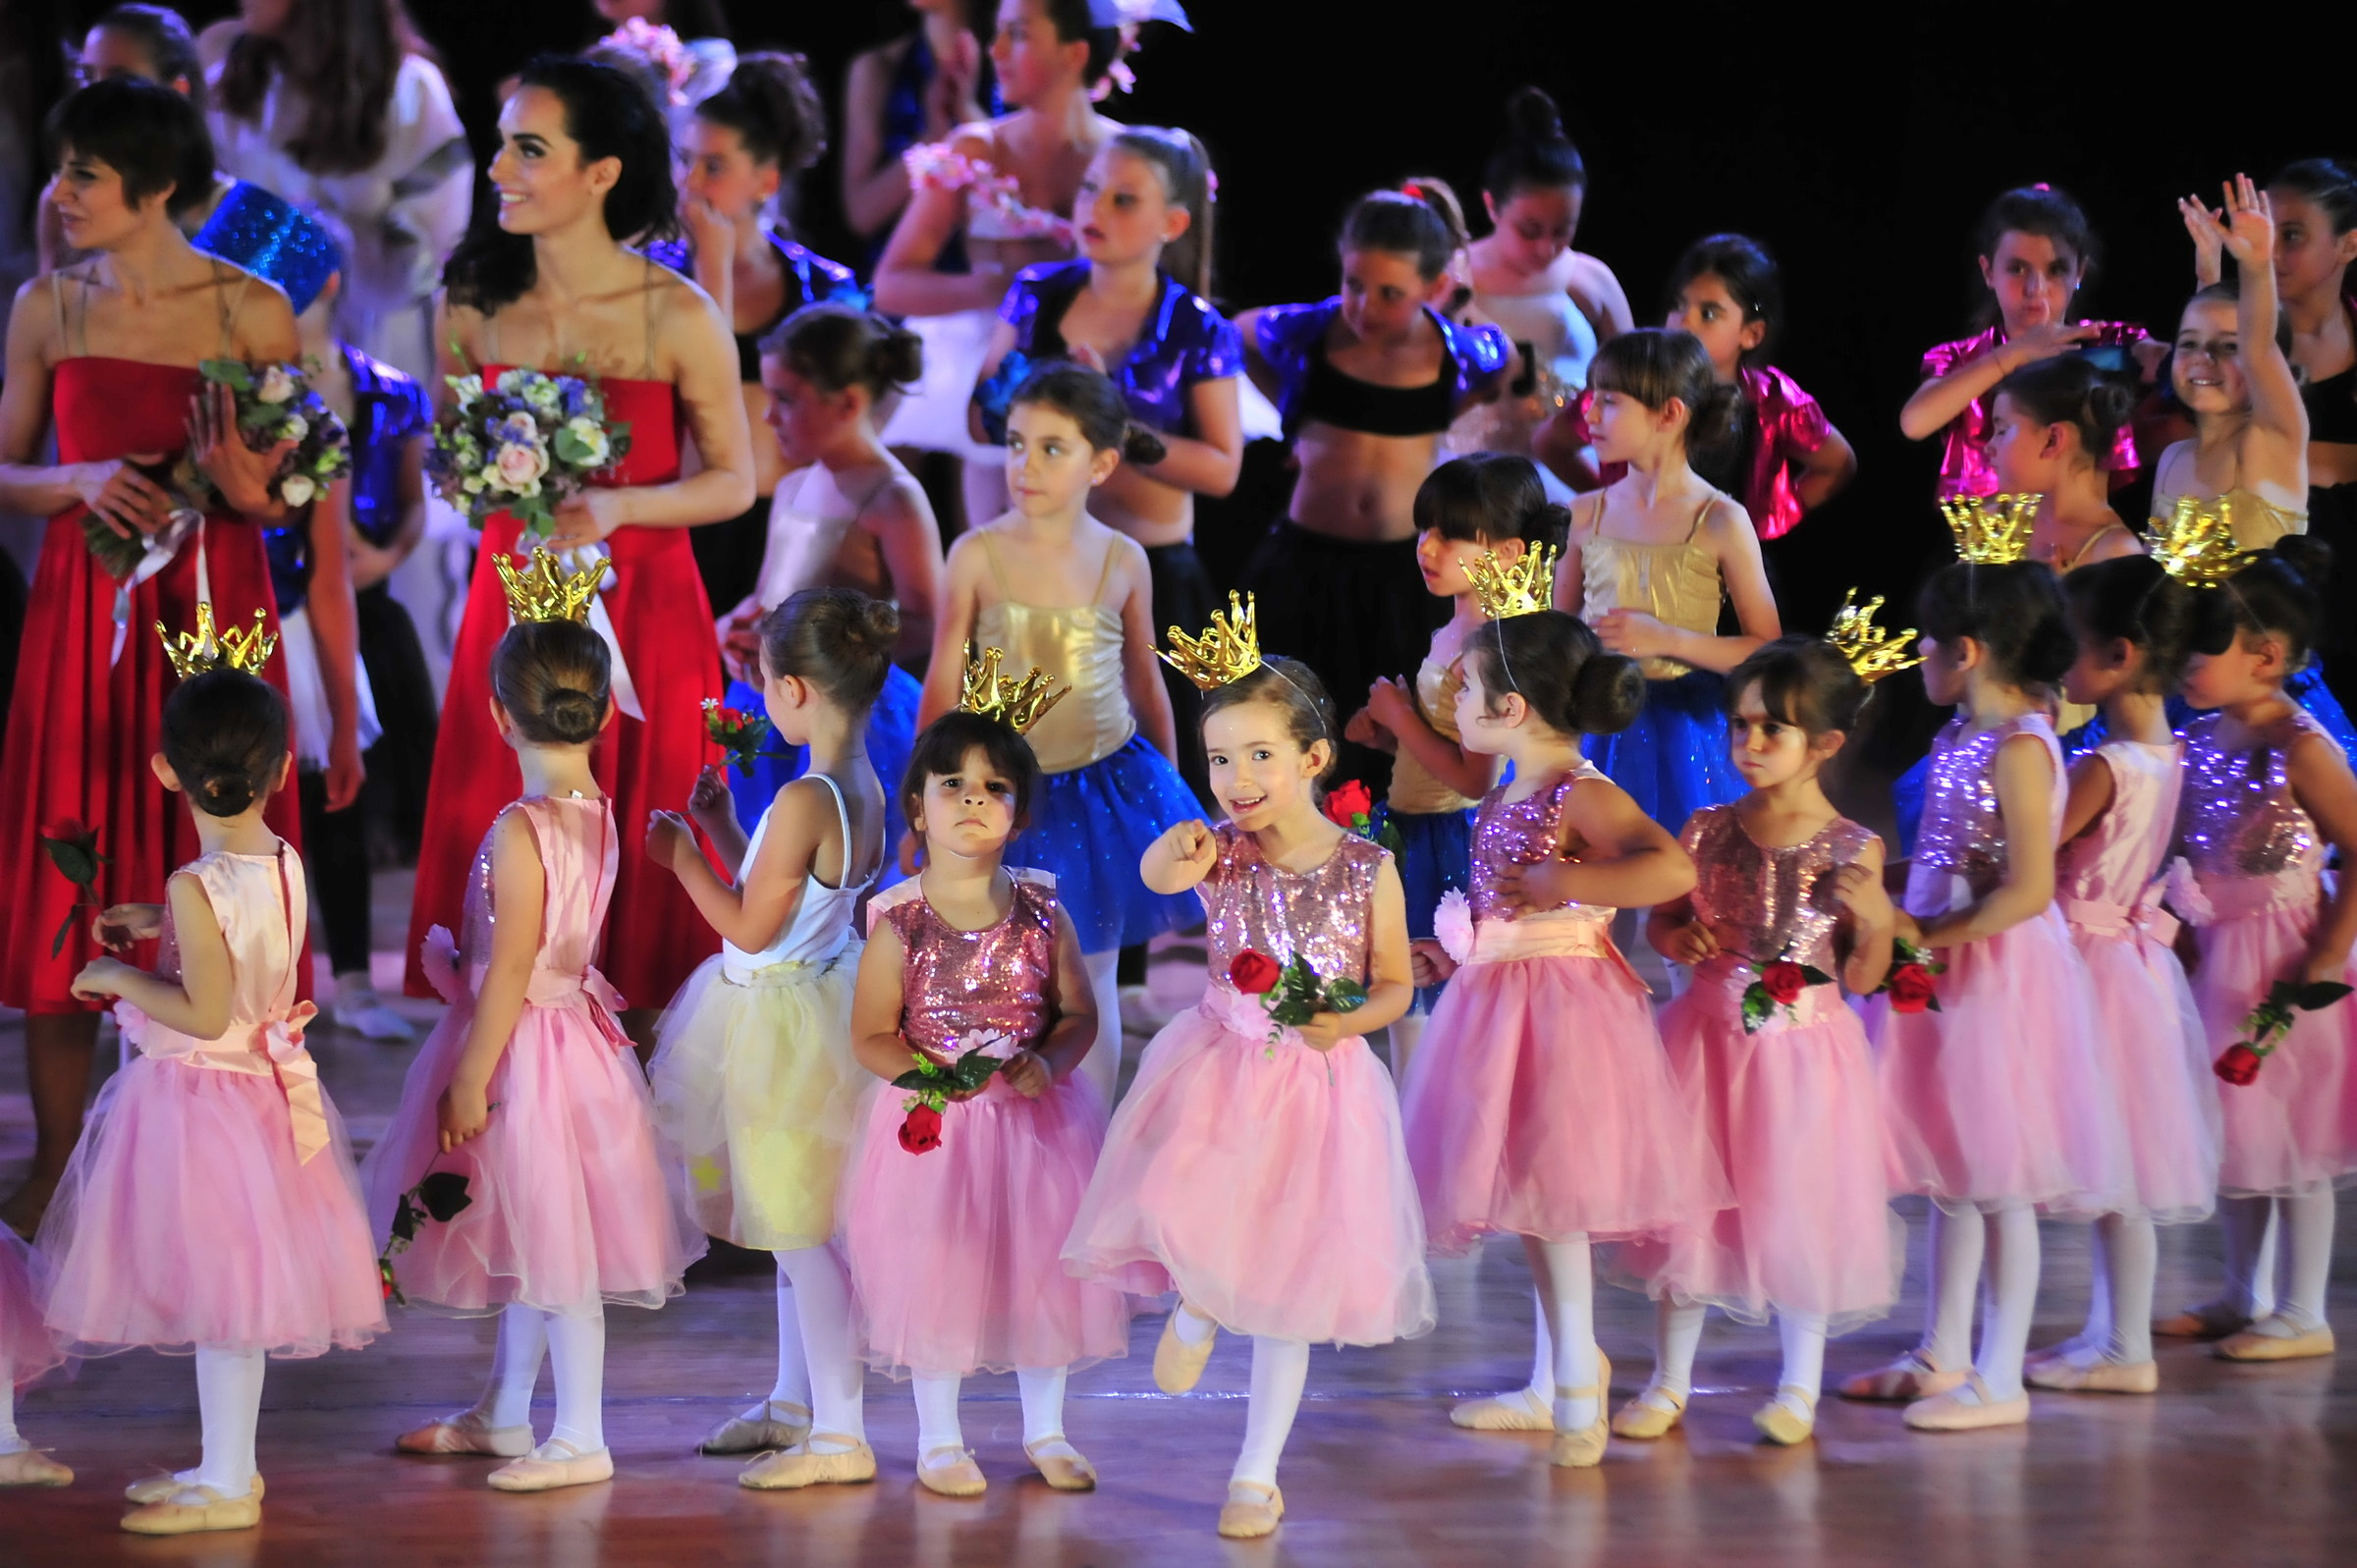 The dream of princesses...